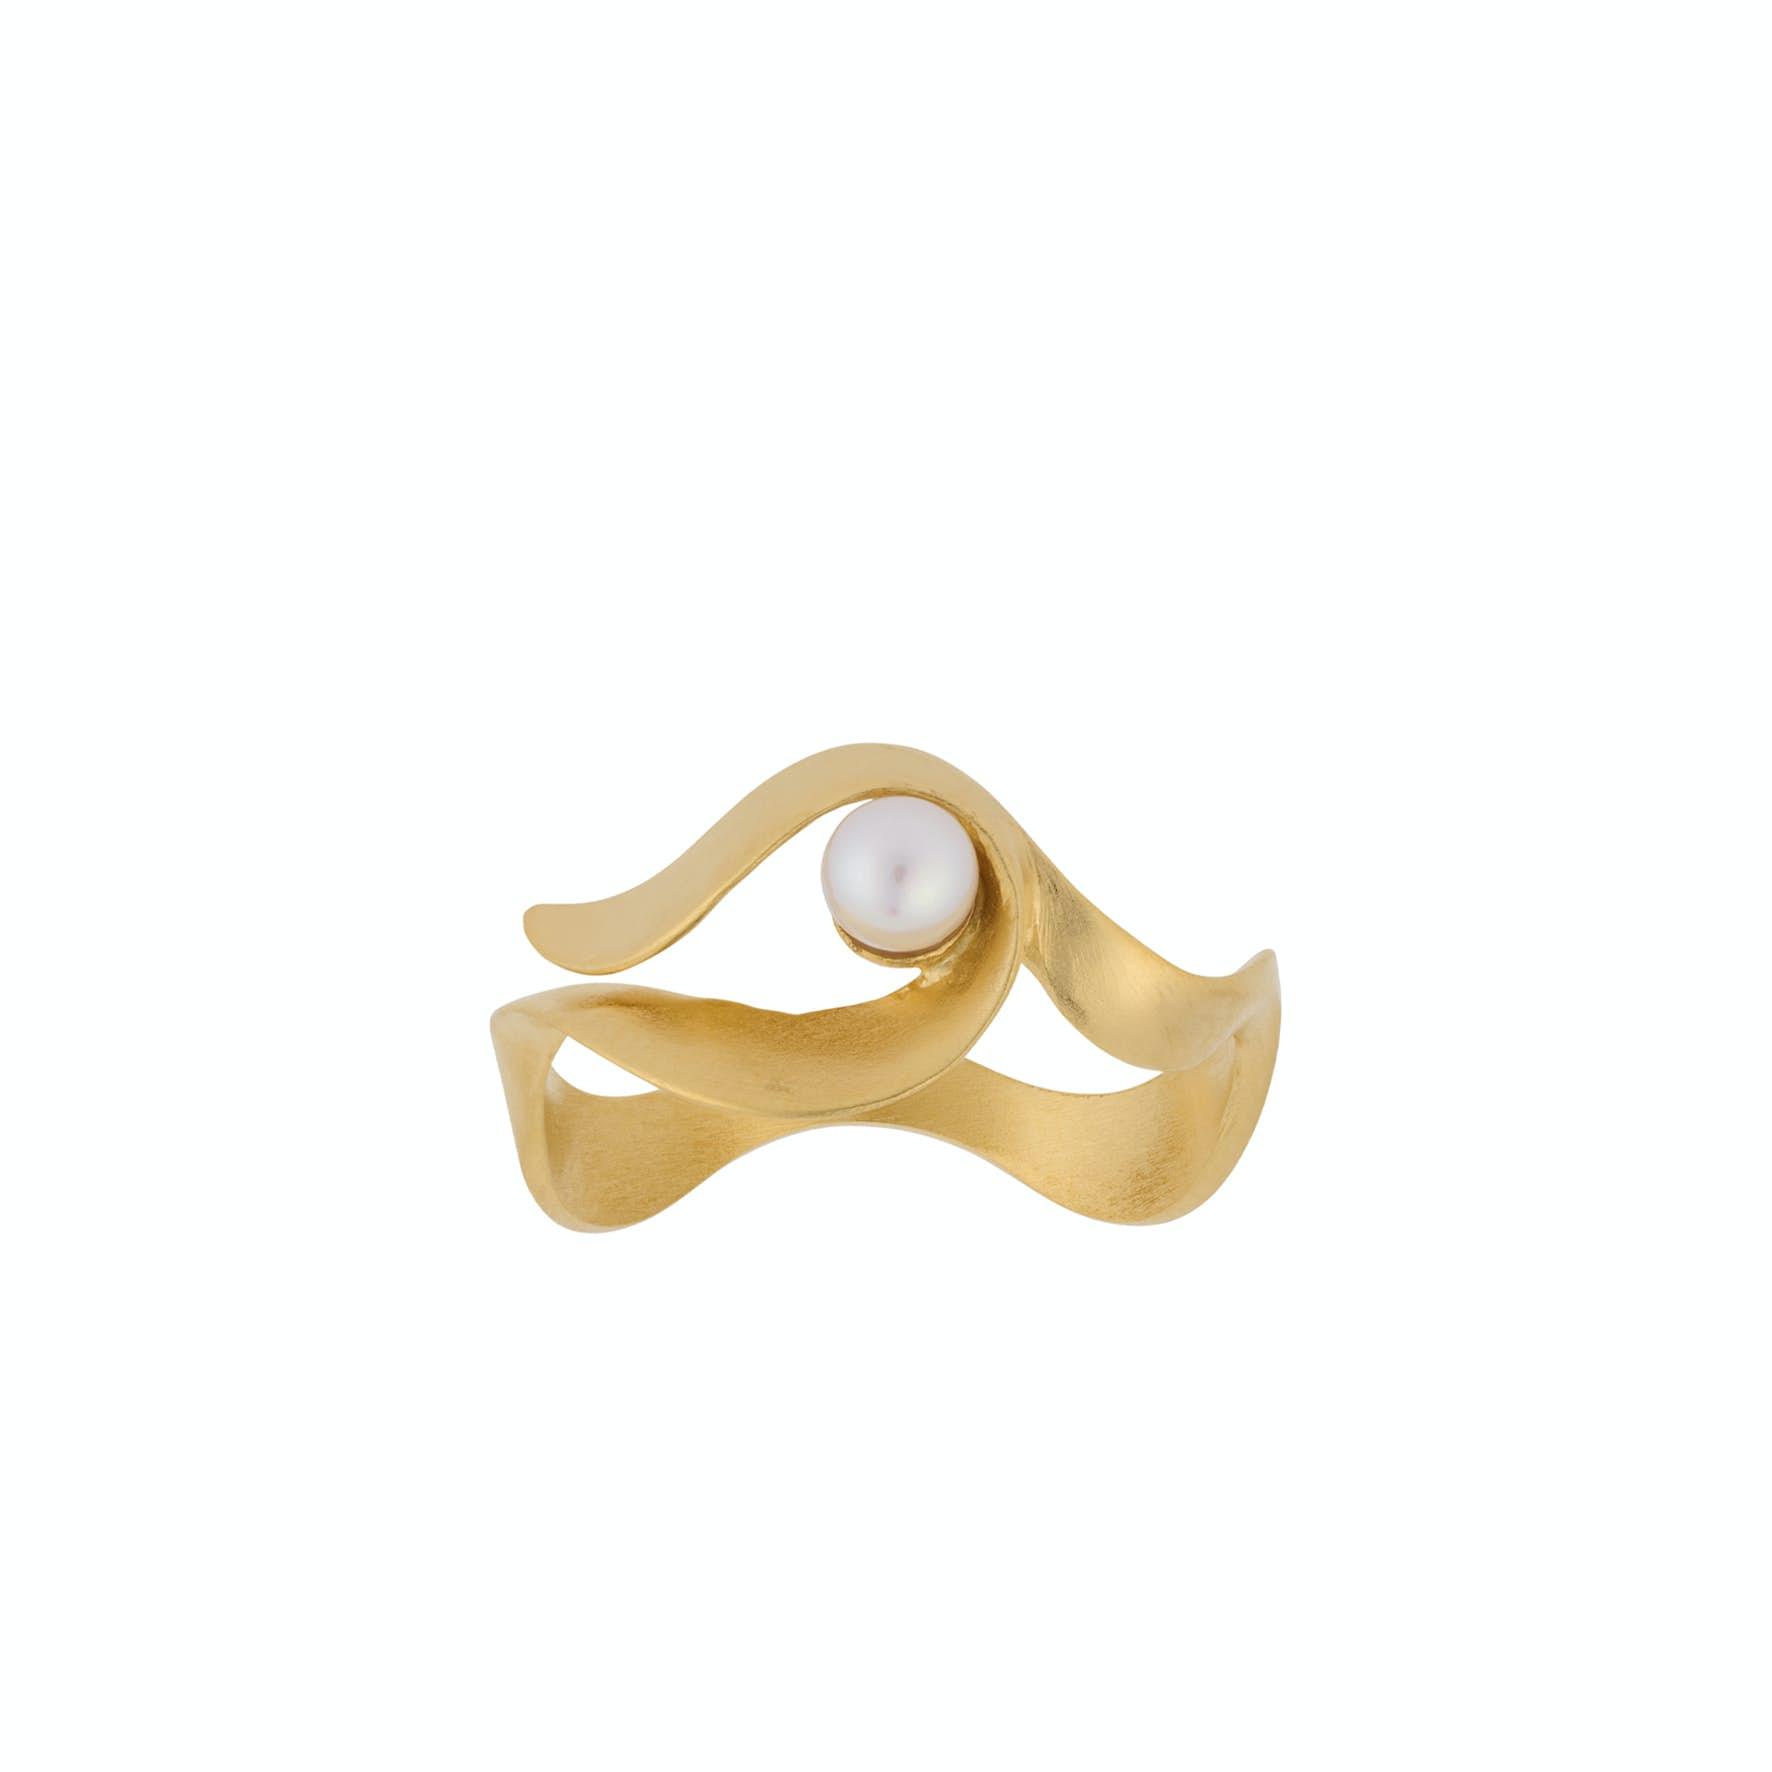 Ocean Wave Ring fra Pernille Corydon i Forgylt-Sølv Sterling 925